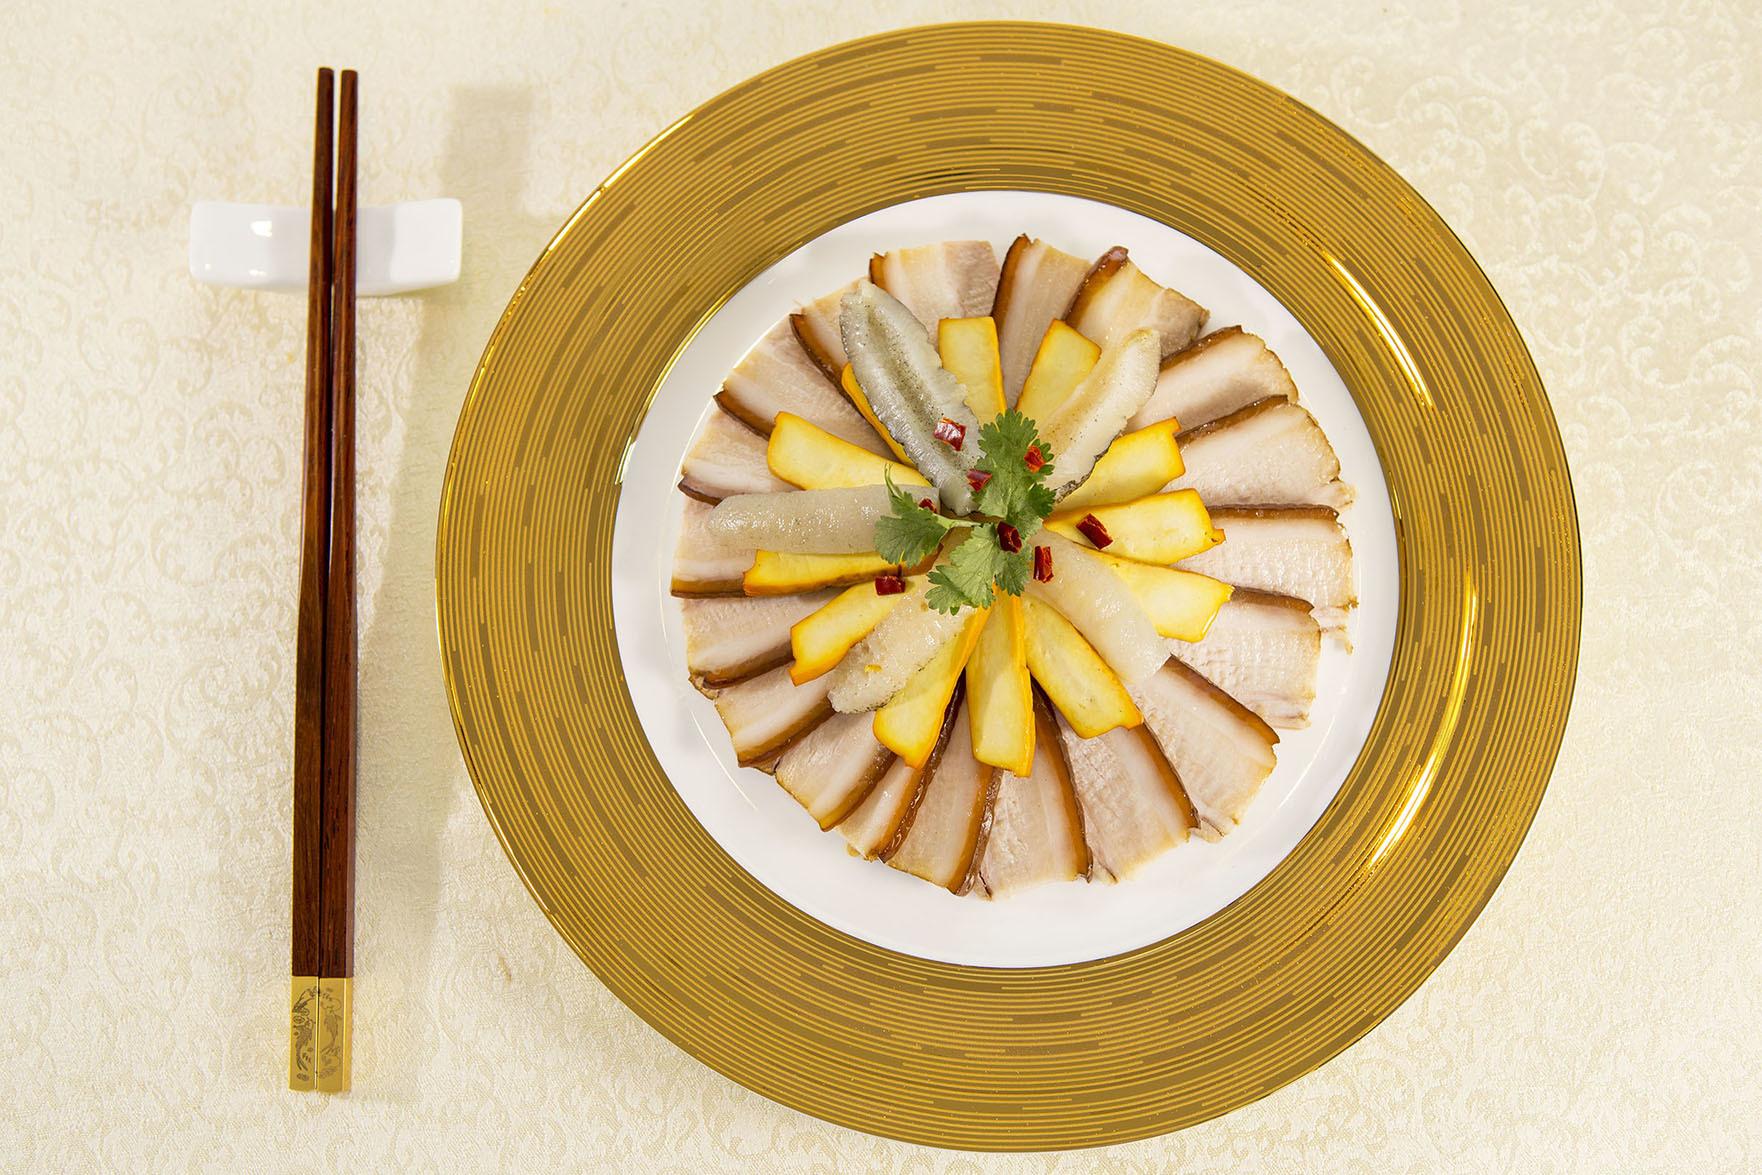 帝景軒松茸‧海參大江南北海鮮自助晚餐